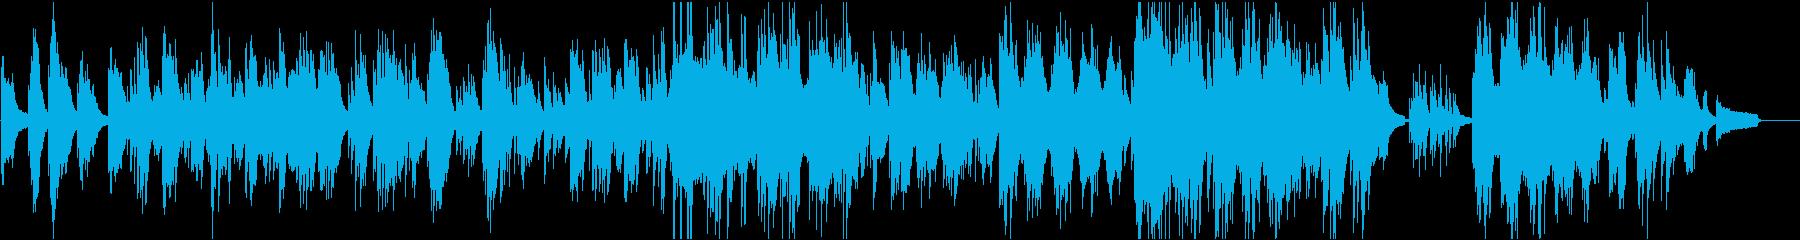 余韻のあるゆったりとしたピアノソロの再生済みの波形